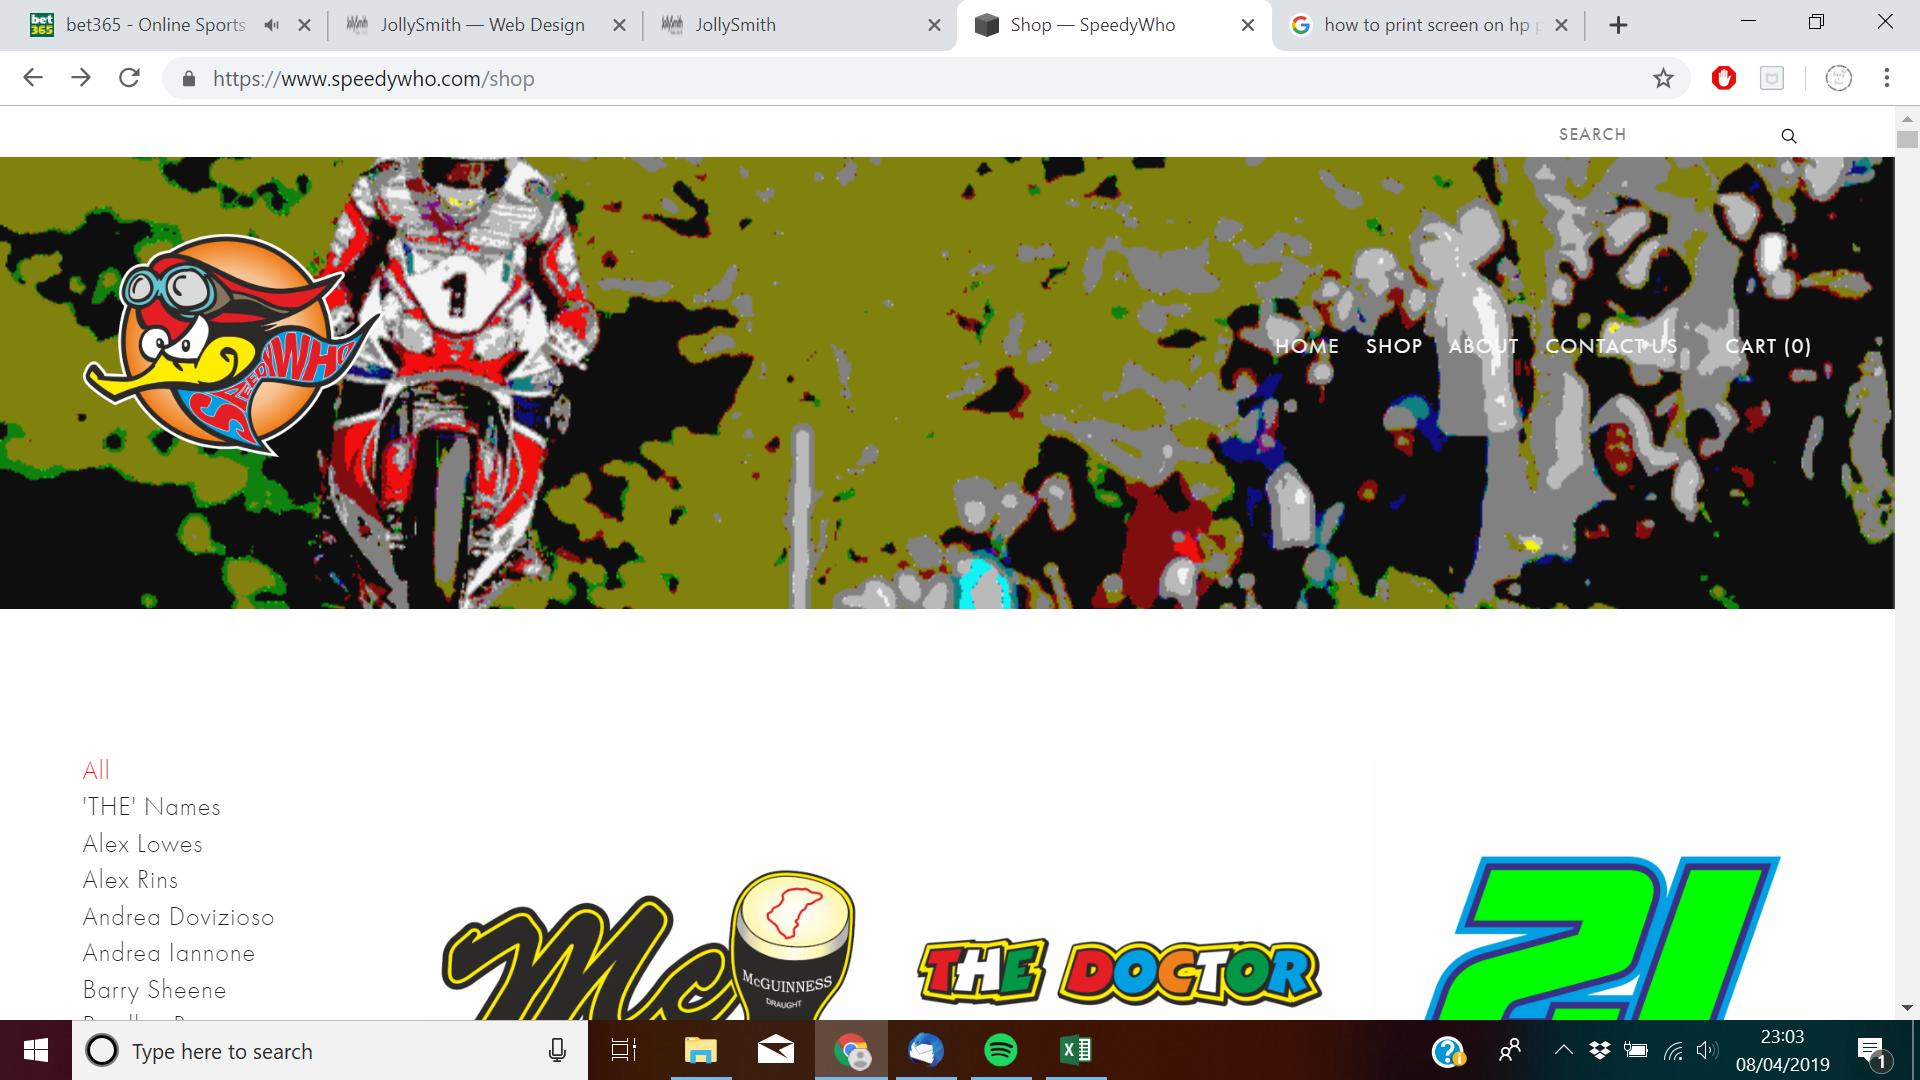 speedywho.com